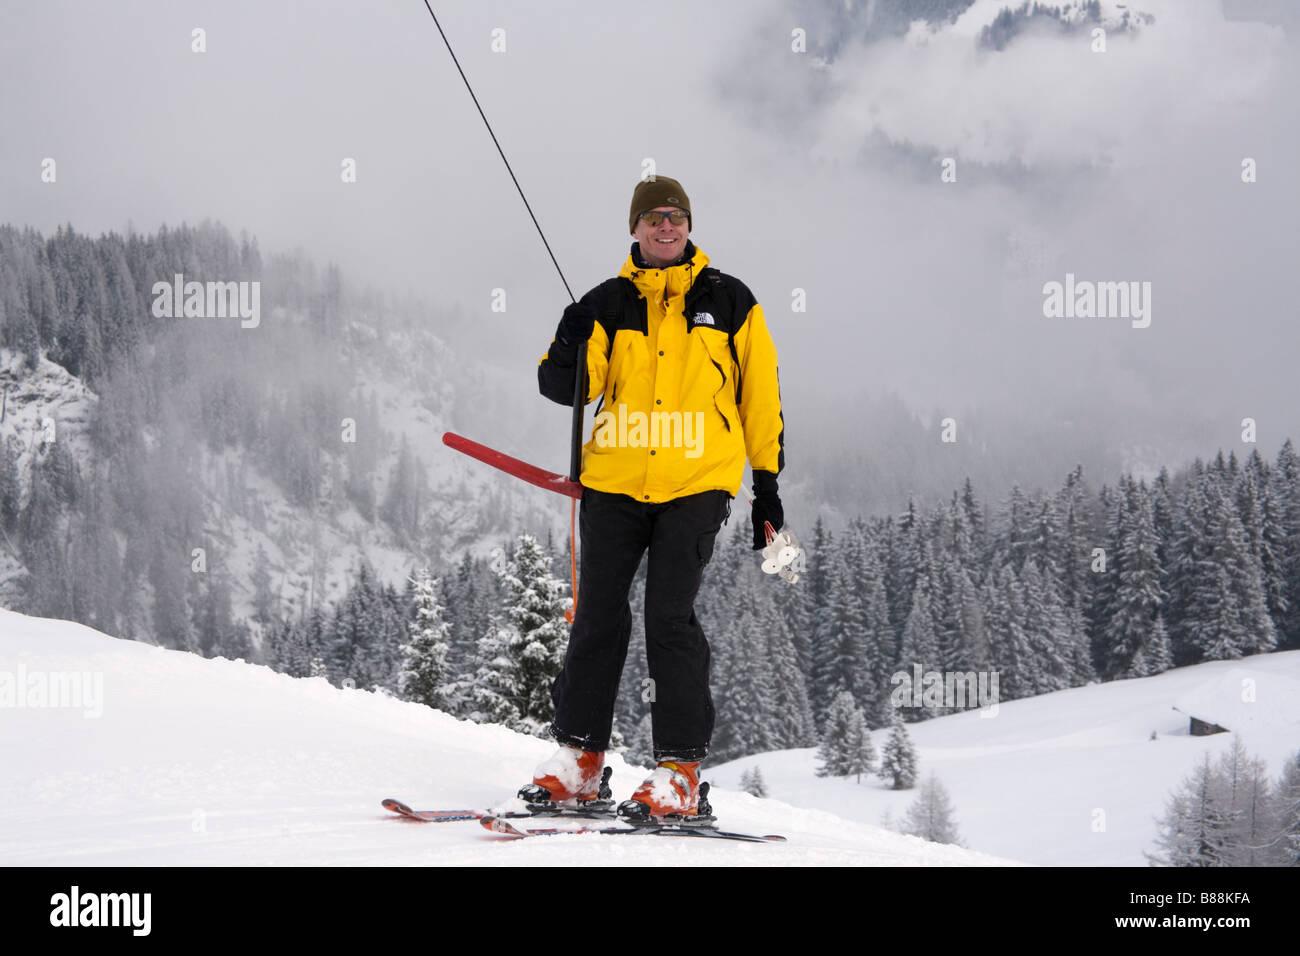 Rauris Austria Europa esquiador en un T-bar Ski Tow en alta montaña en resort en Alpes austríacos en invierno Rauriser Hochalmbahnen Foto de stock